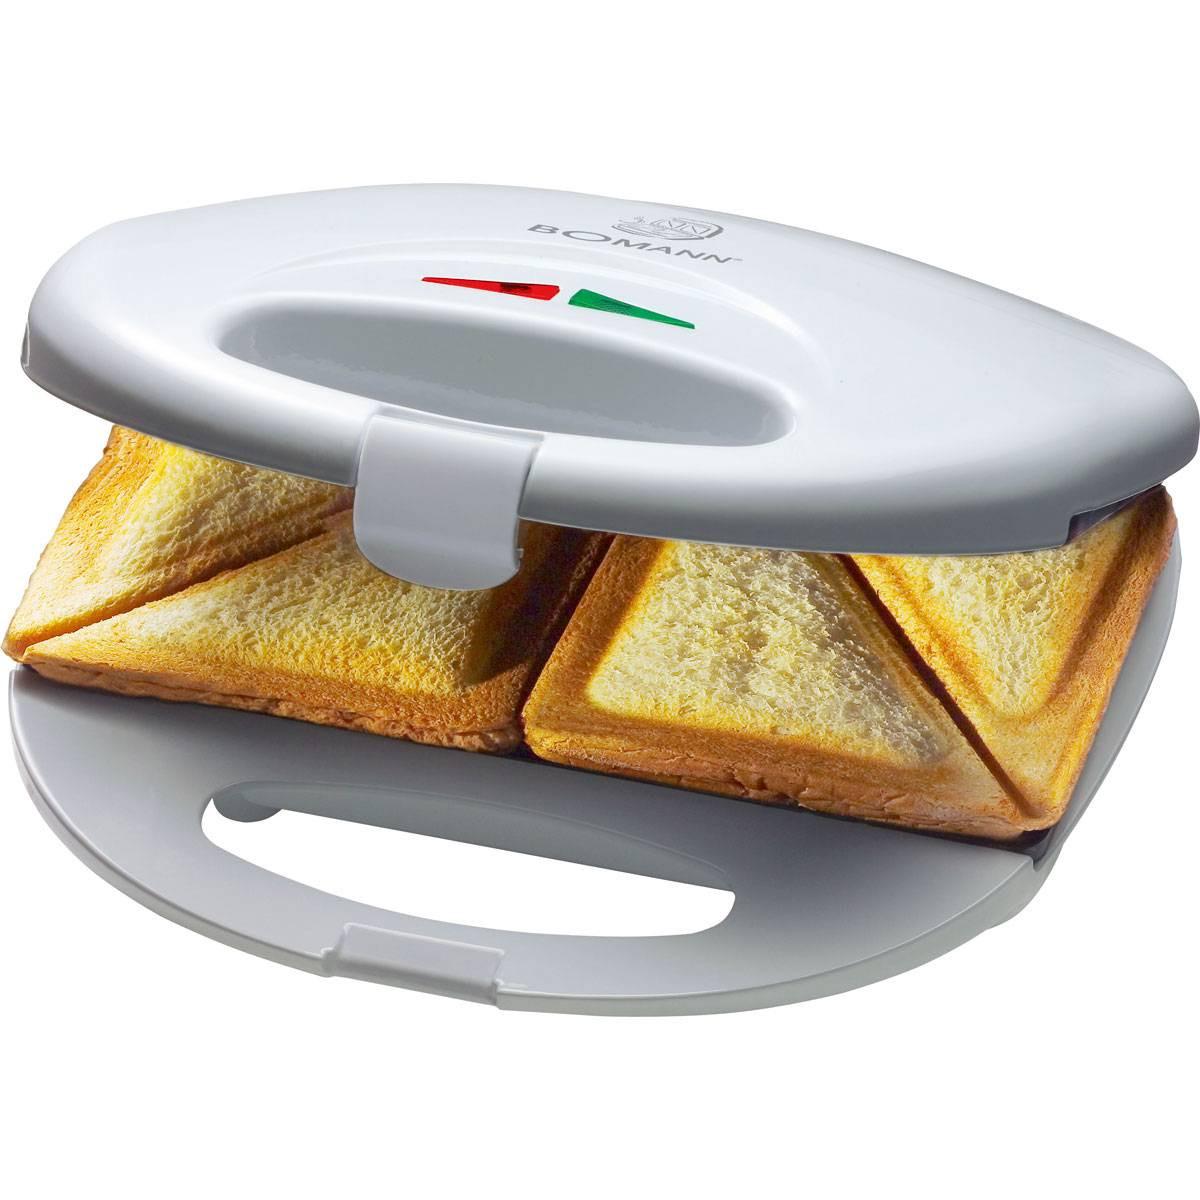 Bomann Sandwichera ST 5016 blanca